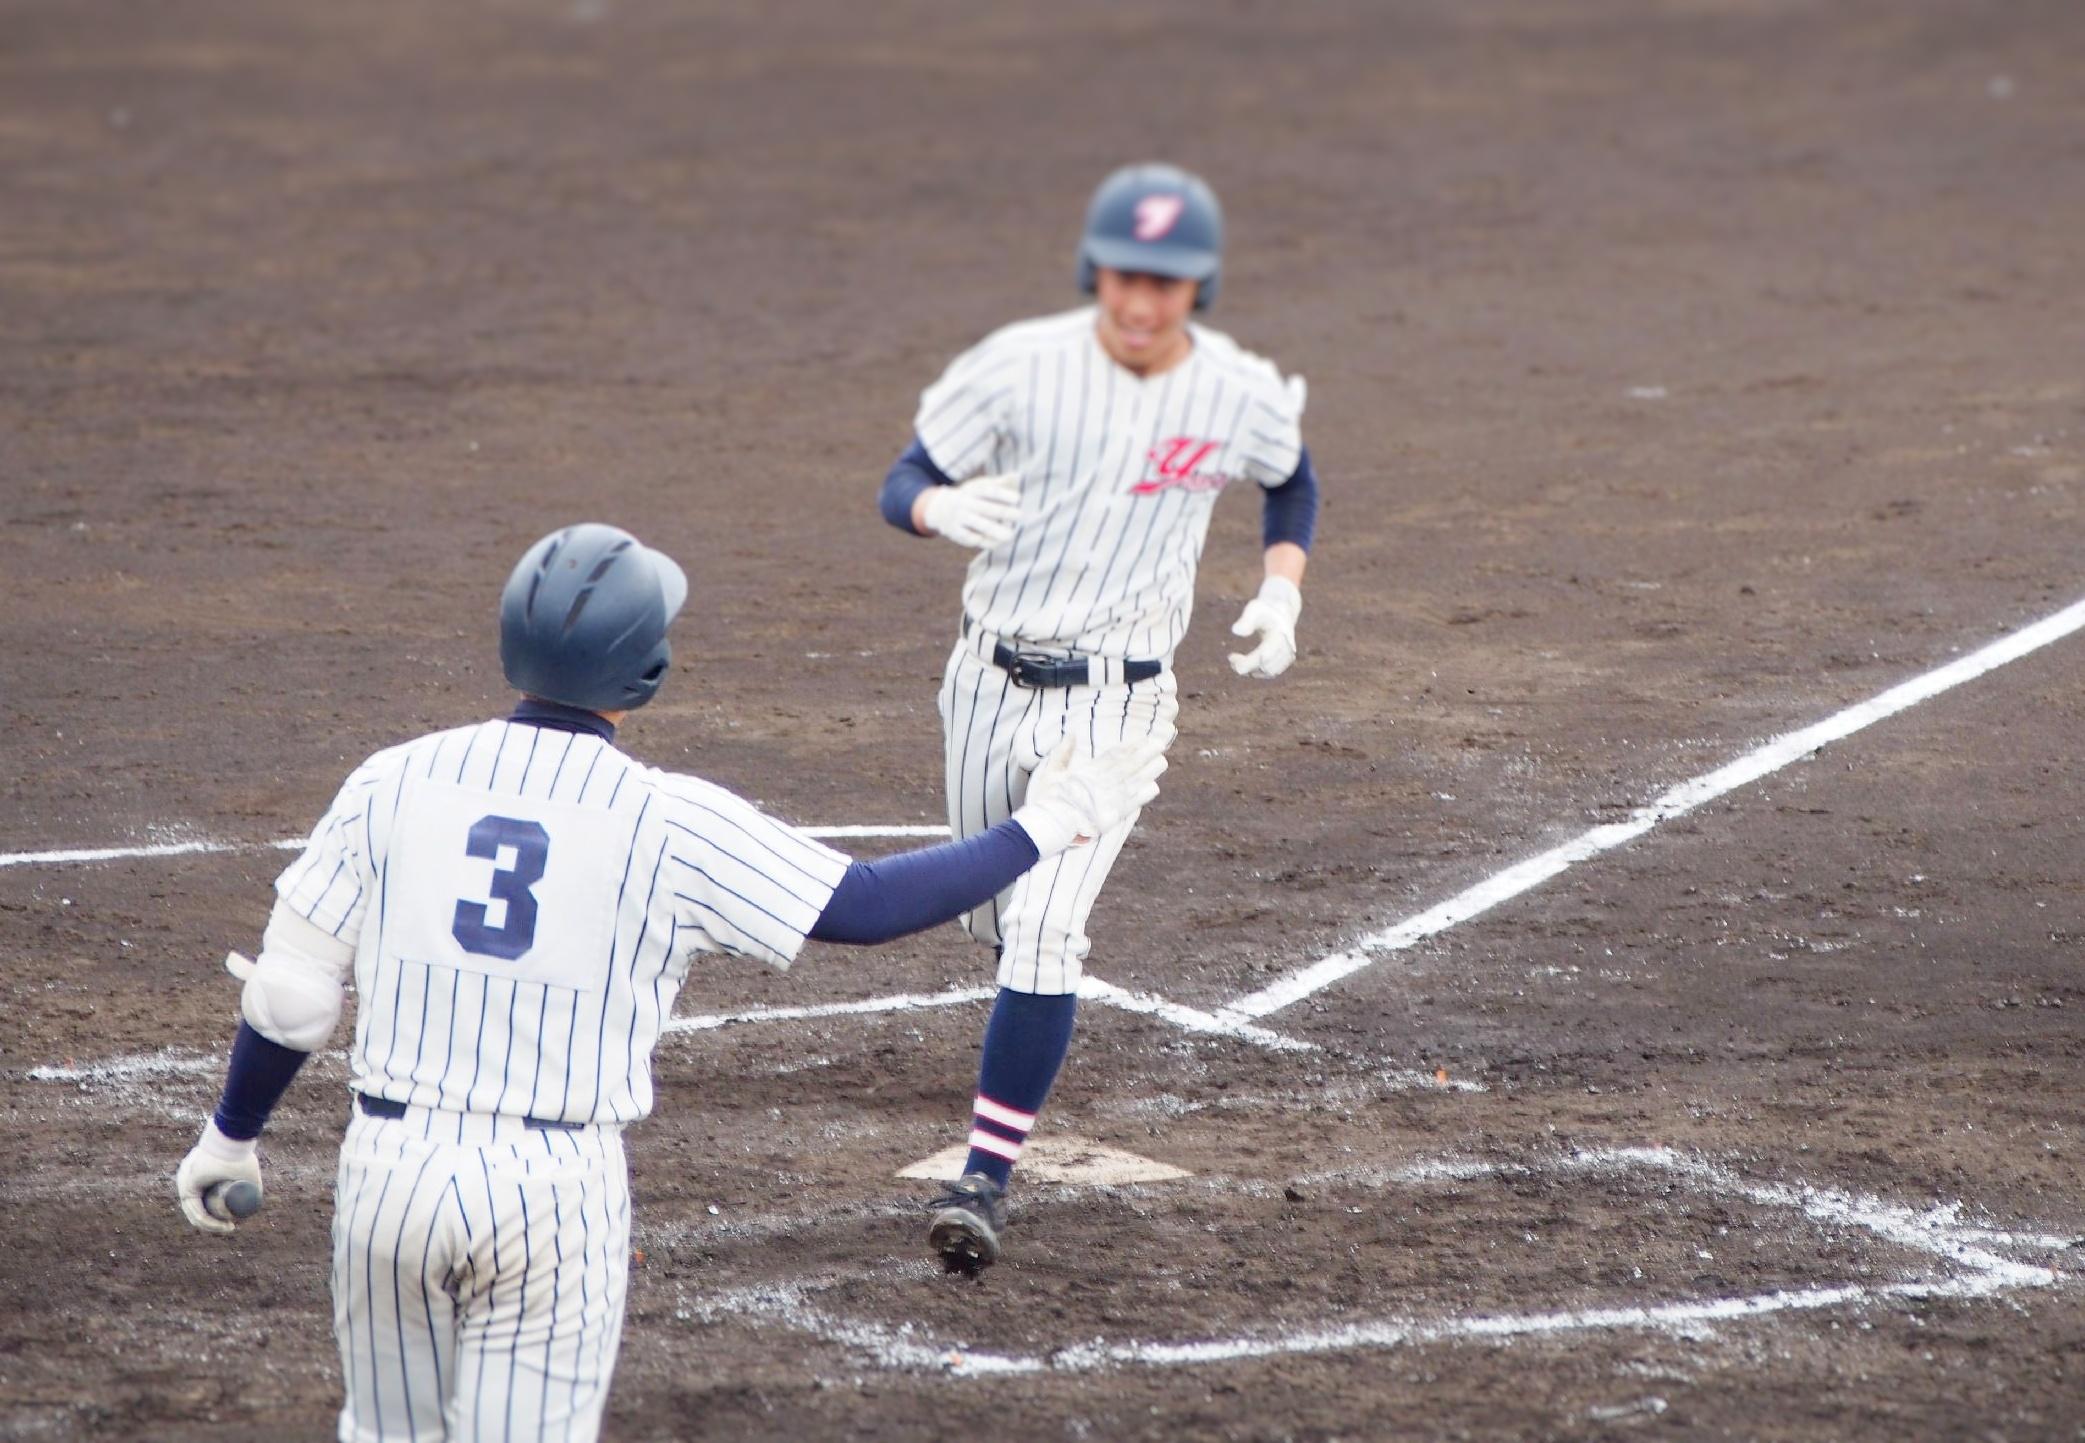 八幡高校野球部、2018年春季九州大会出場!! | 八幡高校 | 関東 ...